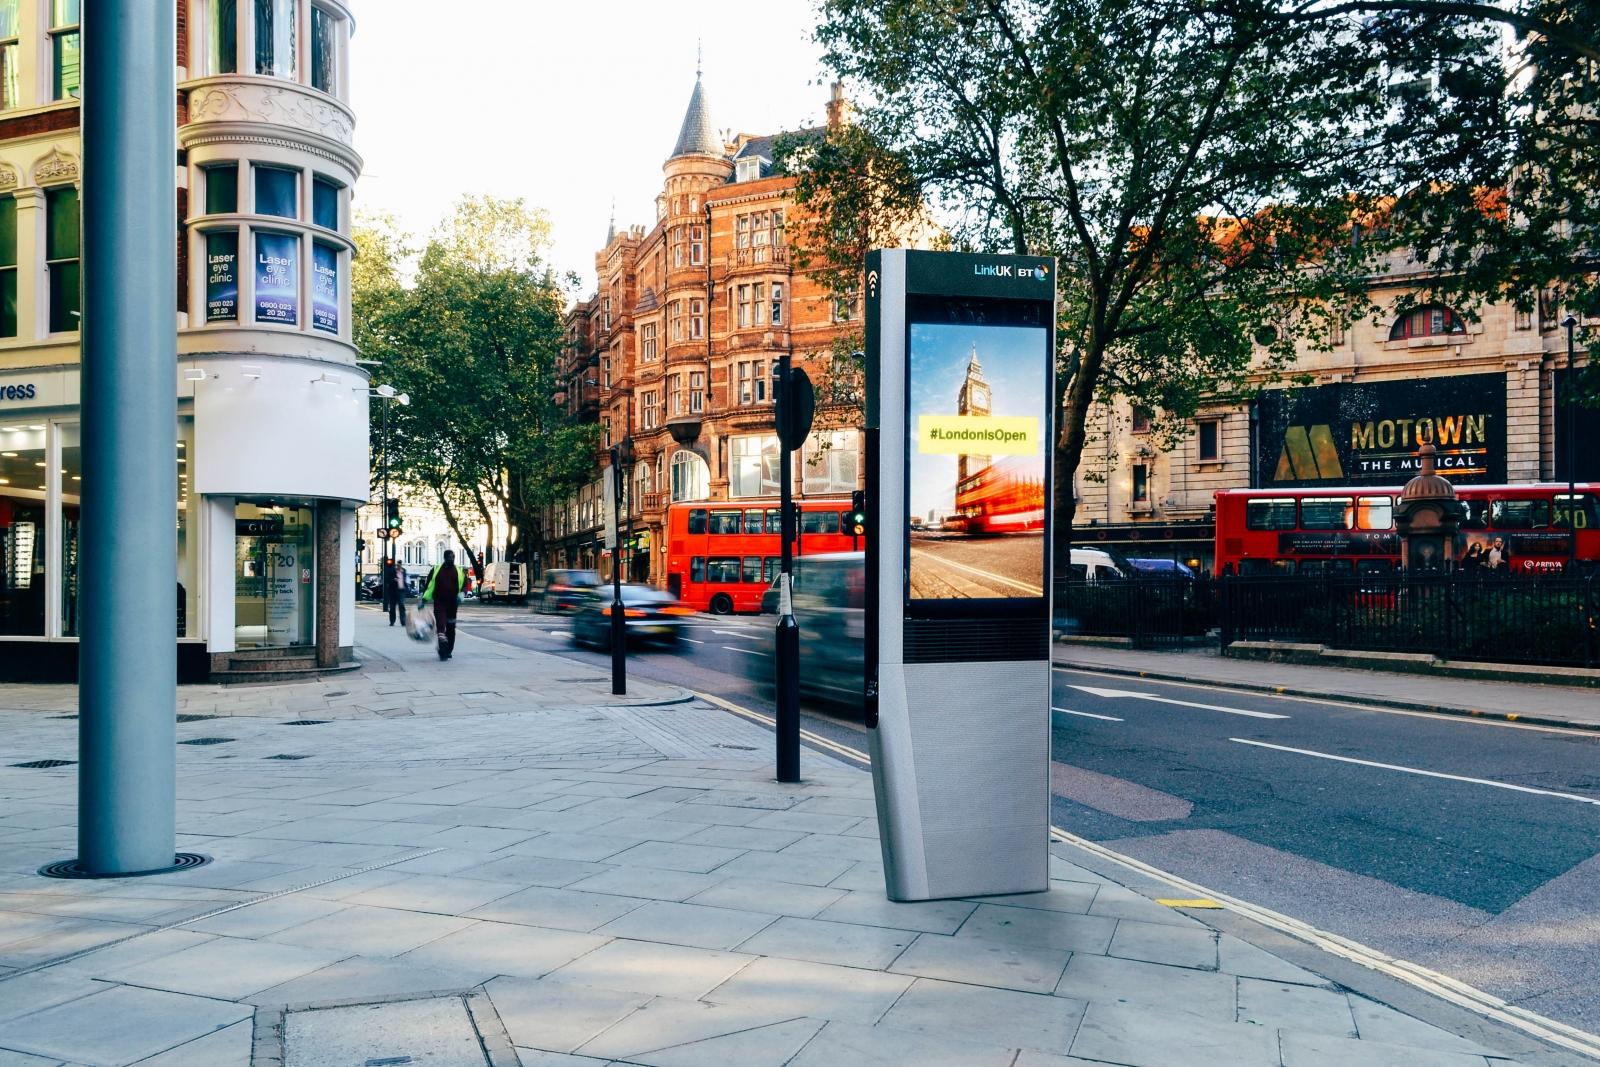 Link UK kiosk